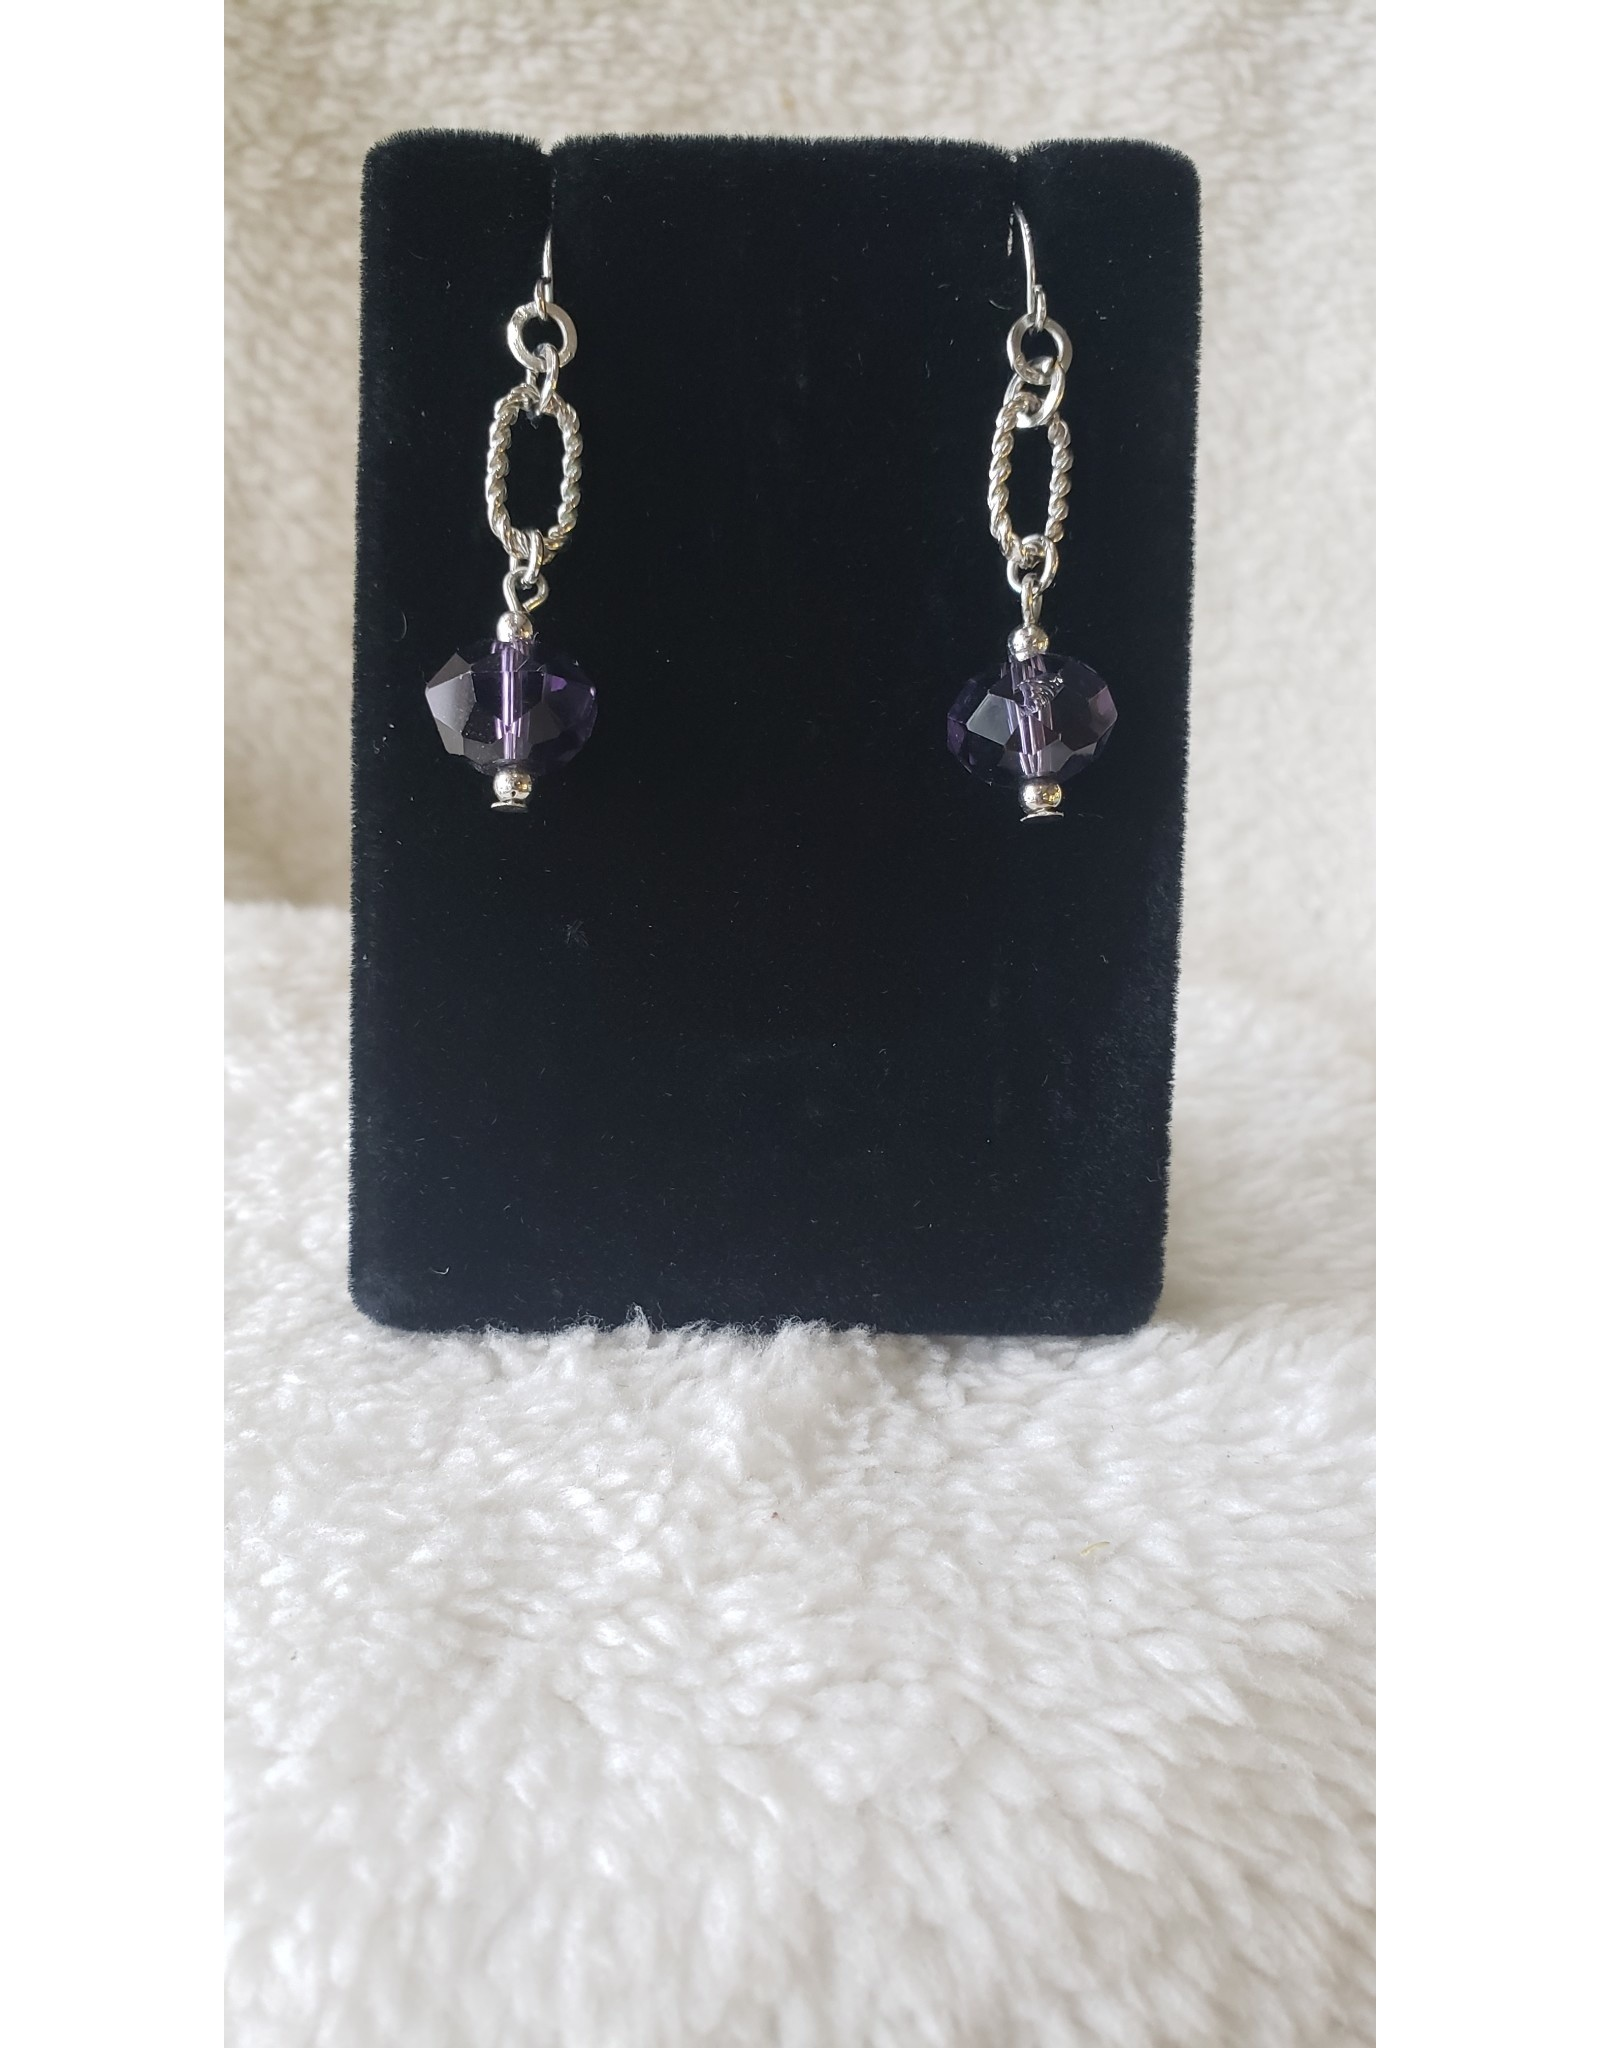 Purple Jewel Dangly Earrings